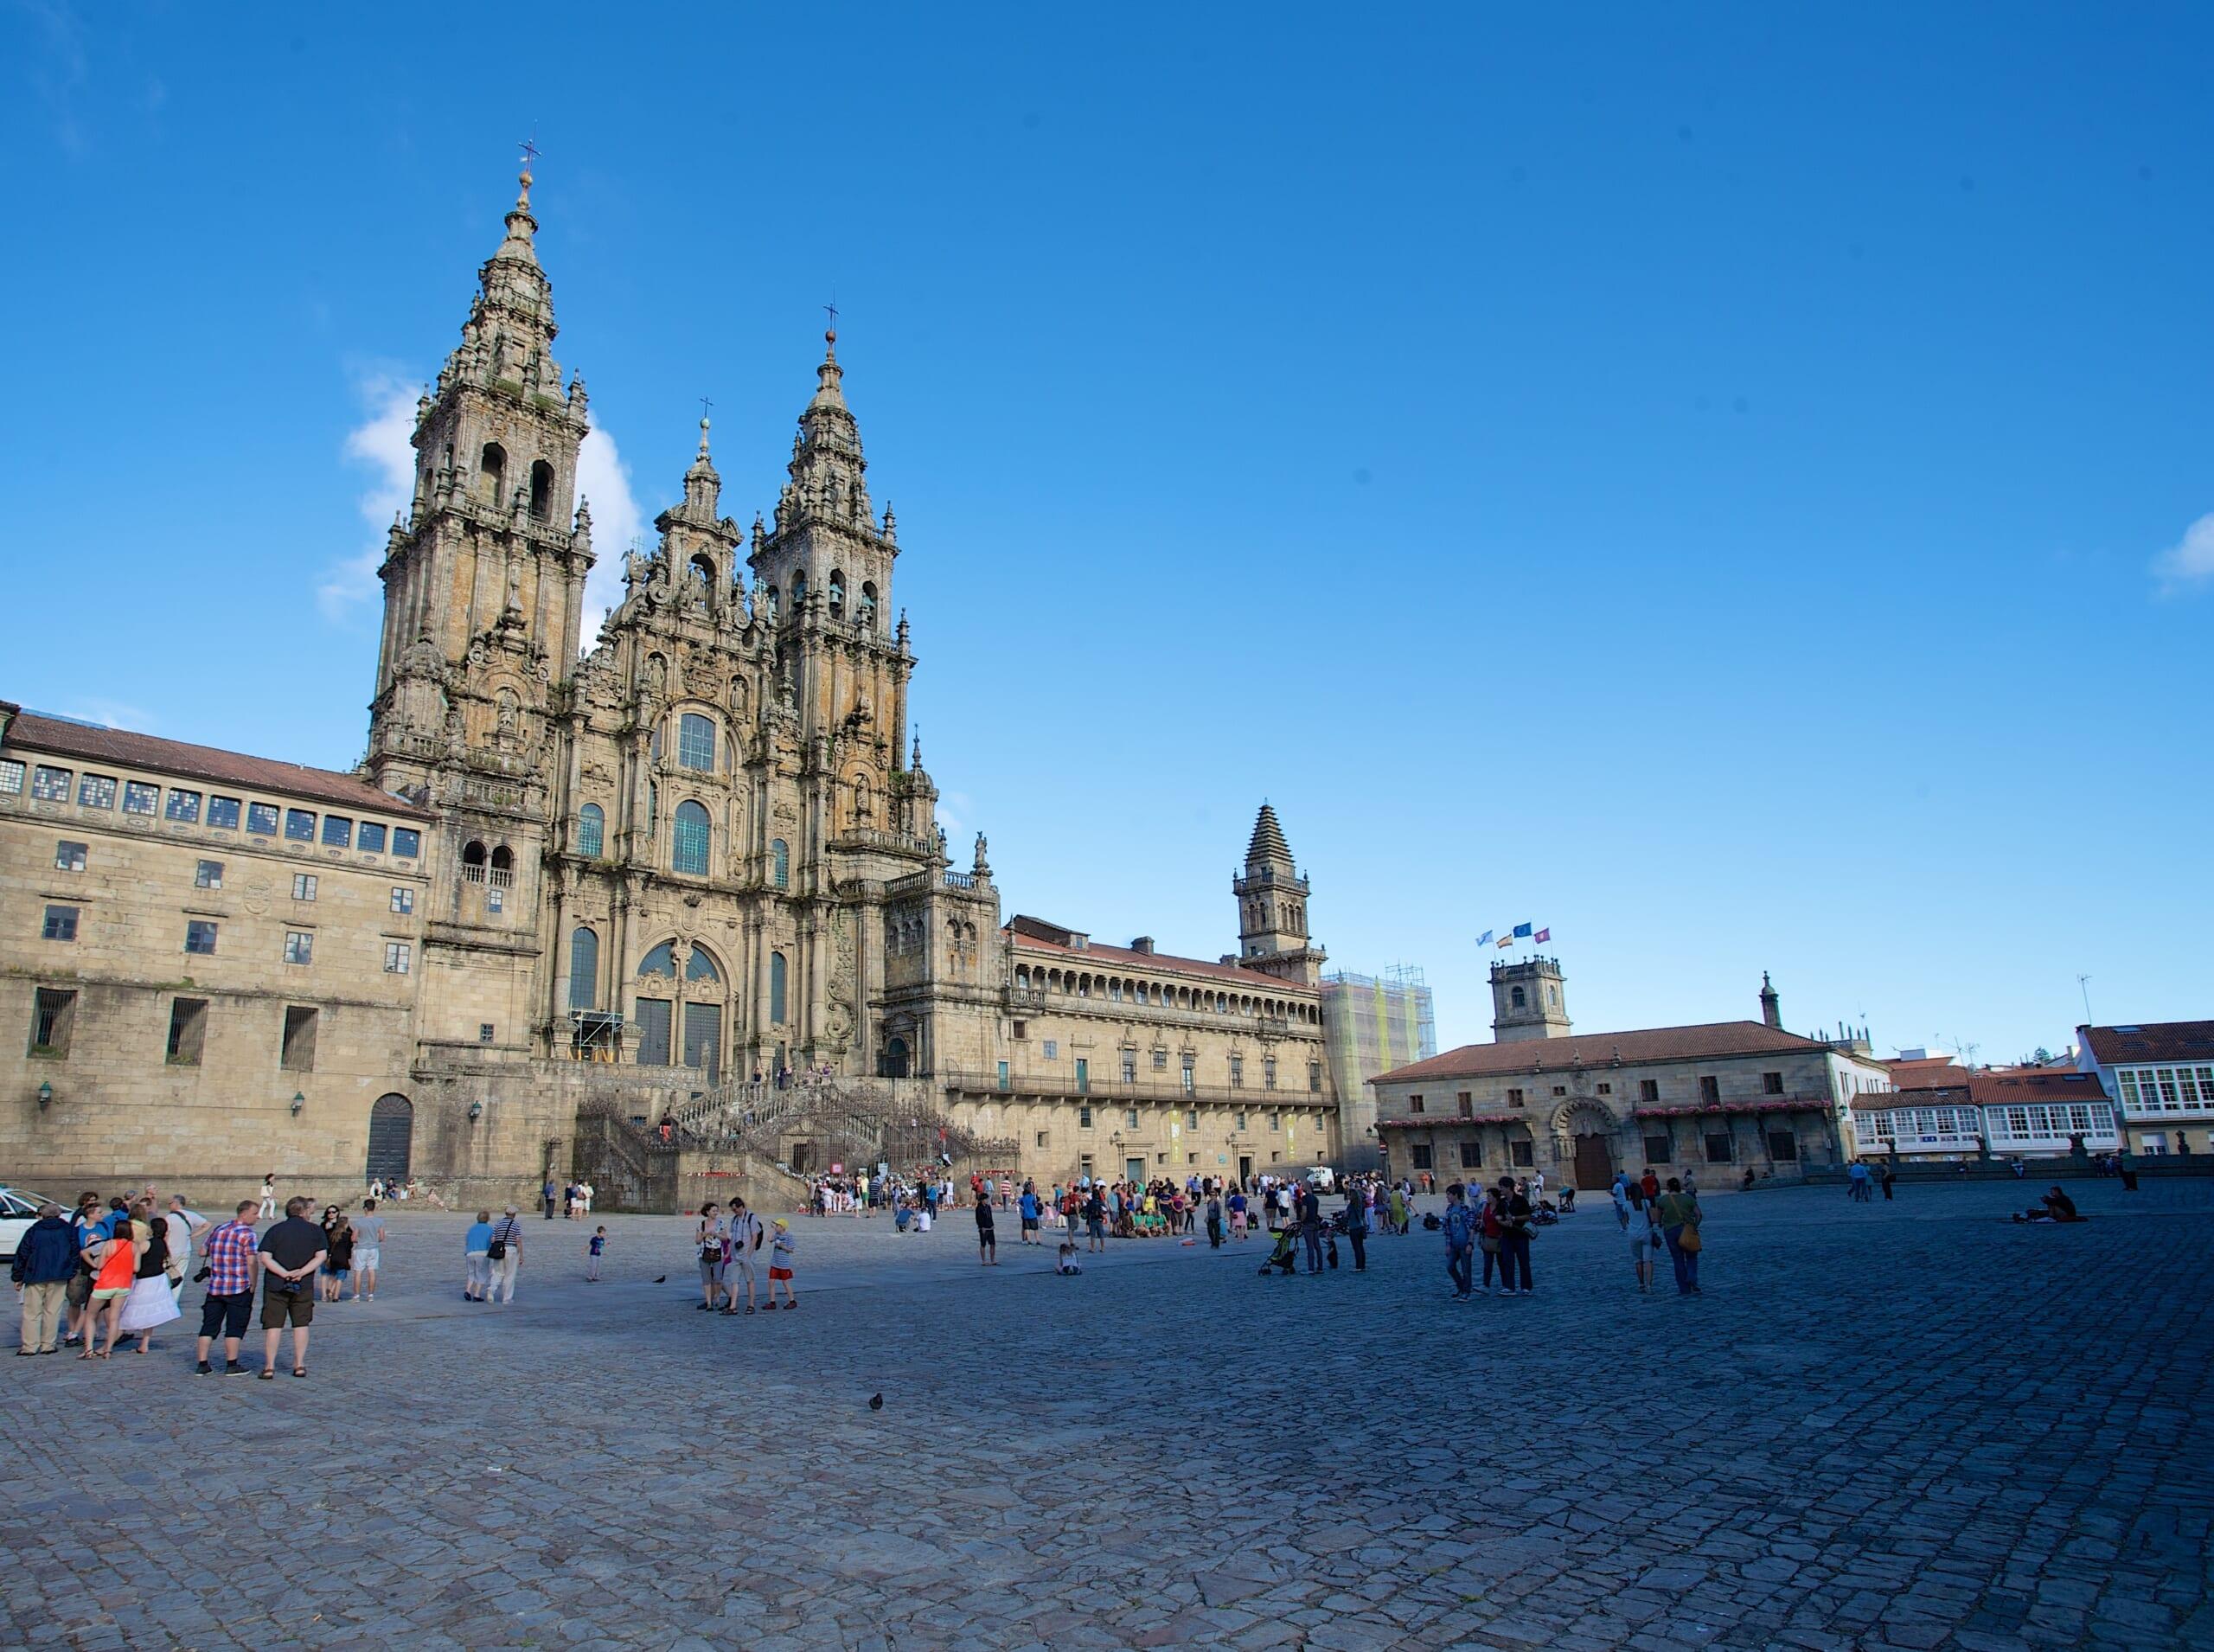 北スペインのサンティアゴ巡礼路の最終目的地であるサンティアゴ・デ・コンポステーラ大聖堂